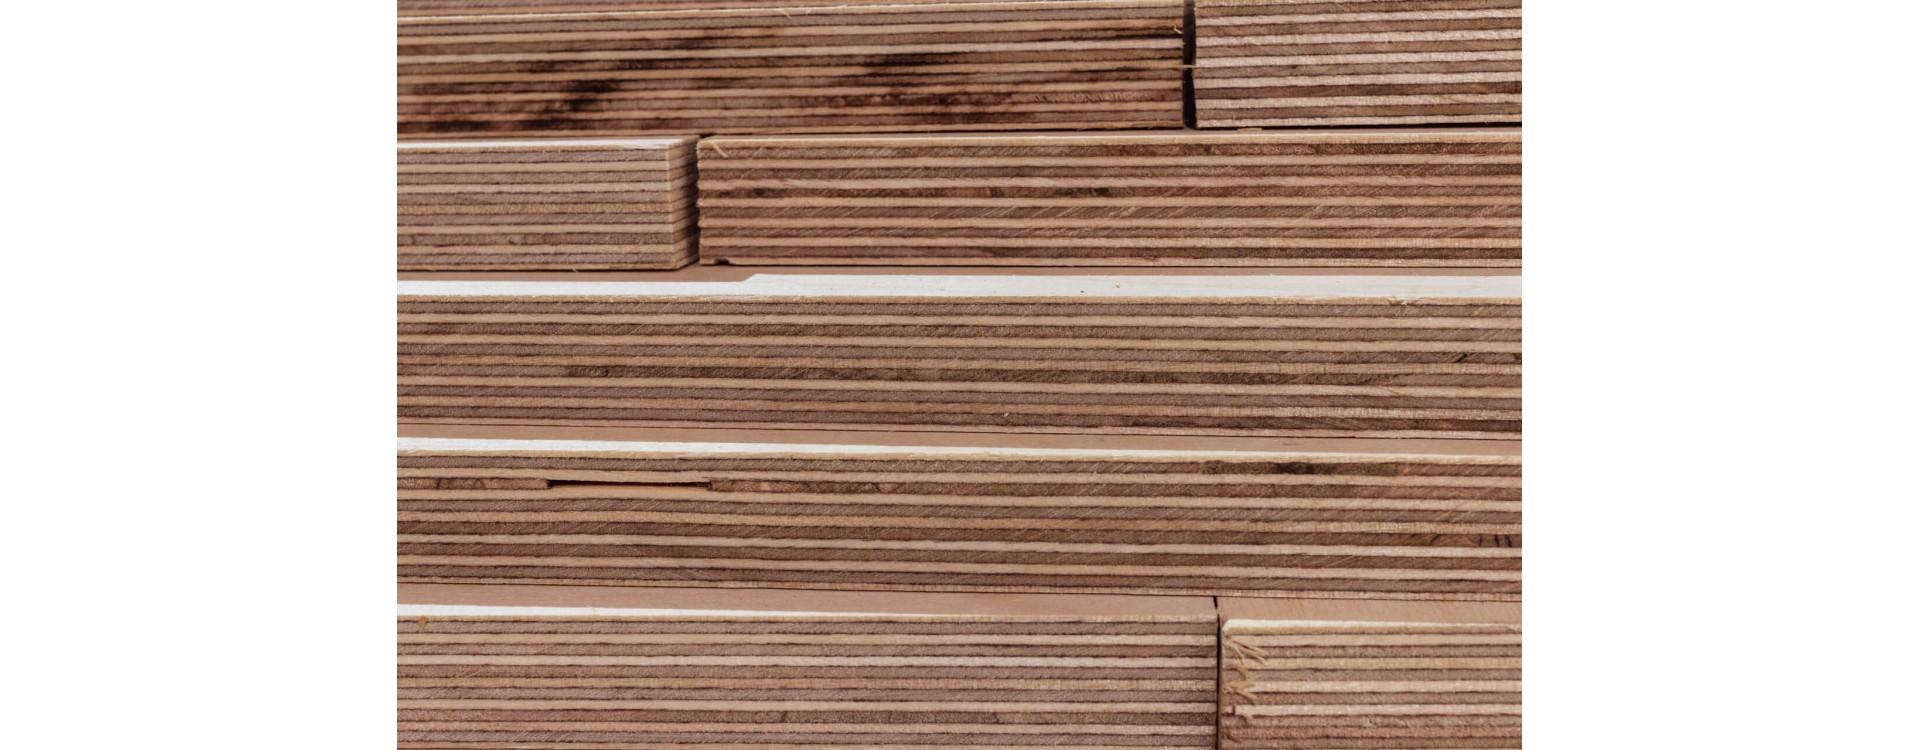 Multistrato compensato di pino marino fenolico: qualità e resistenza all'acqua